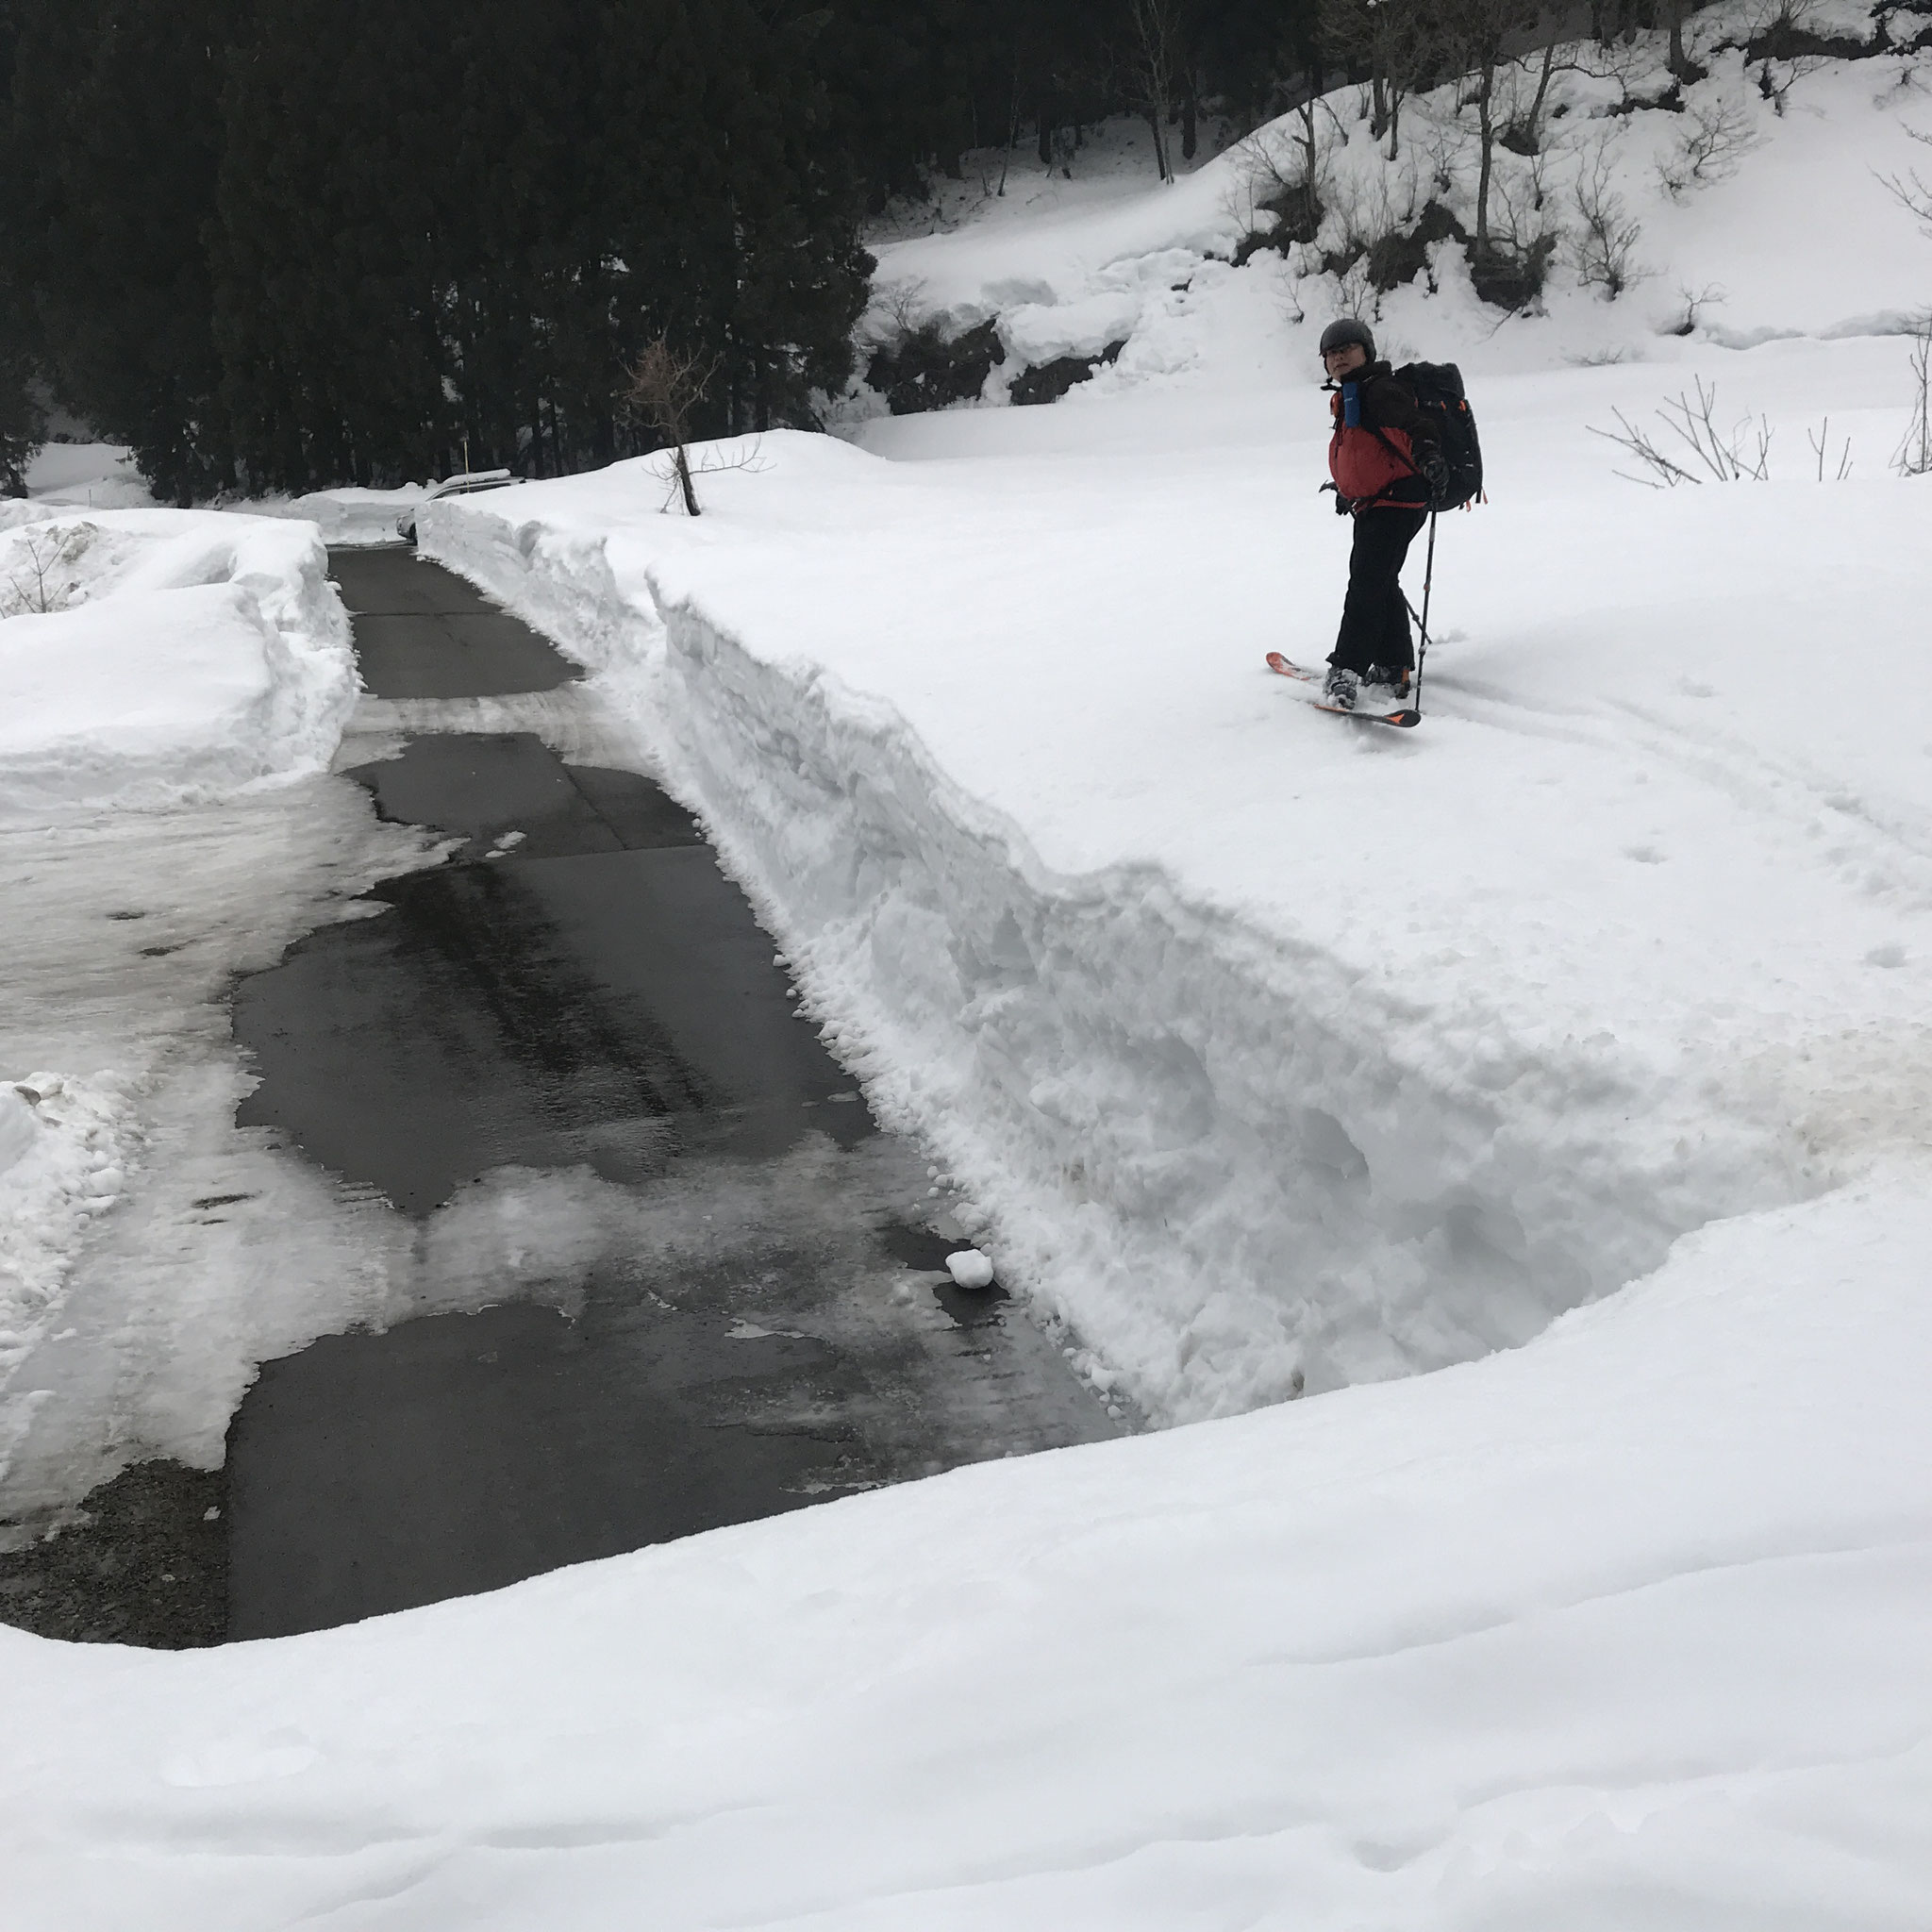 広堀川橋付近は積雪2mほどか